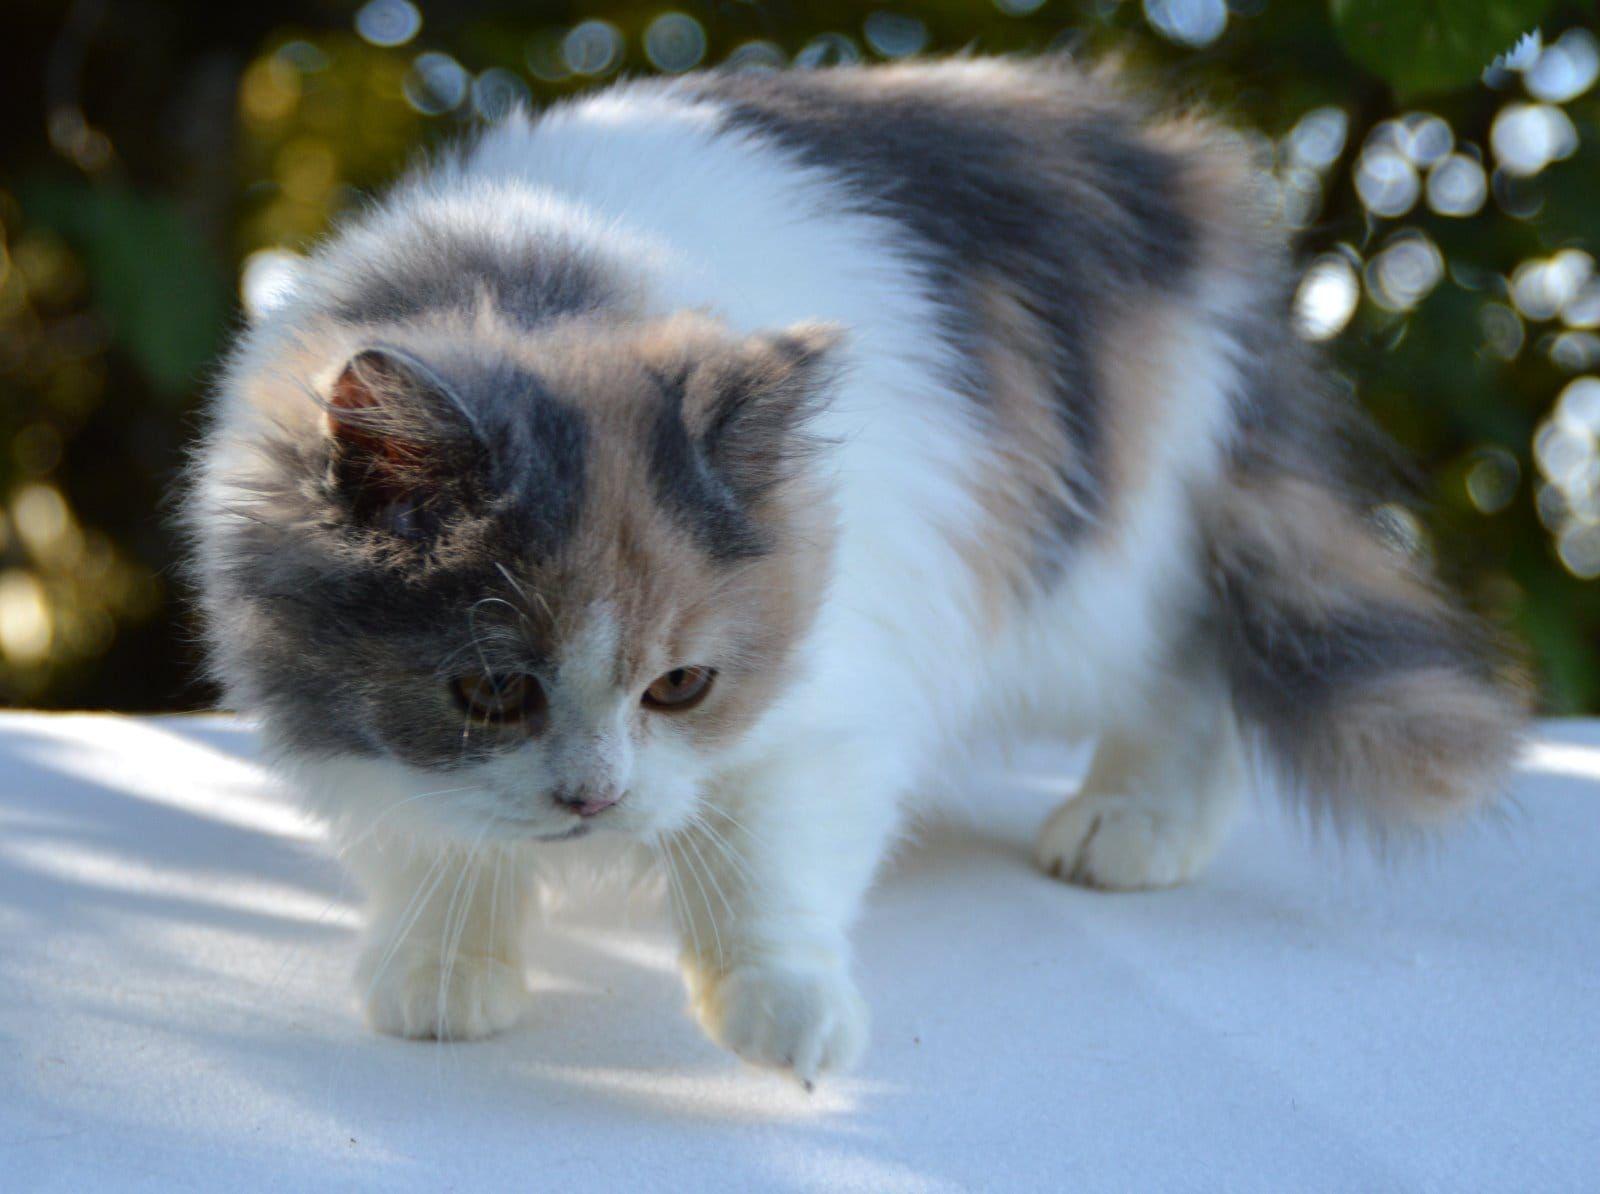 Beautiful british longhair named Florinda ... ein Traum in Plüsch ! Unsere kleine BLH Lady Florinda, ein Traum in blaucreme mit weiß (München) - Haustier-Anzeiger